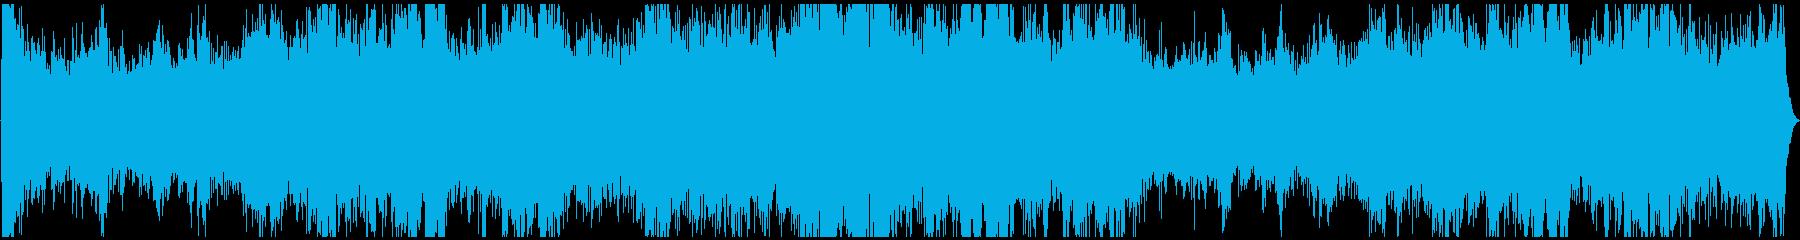 ドローン コントラブローンチューブ01の再生済みの波形